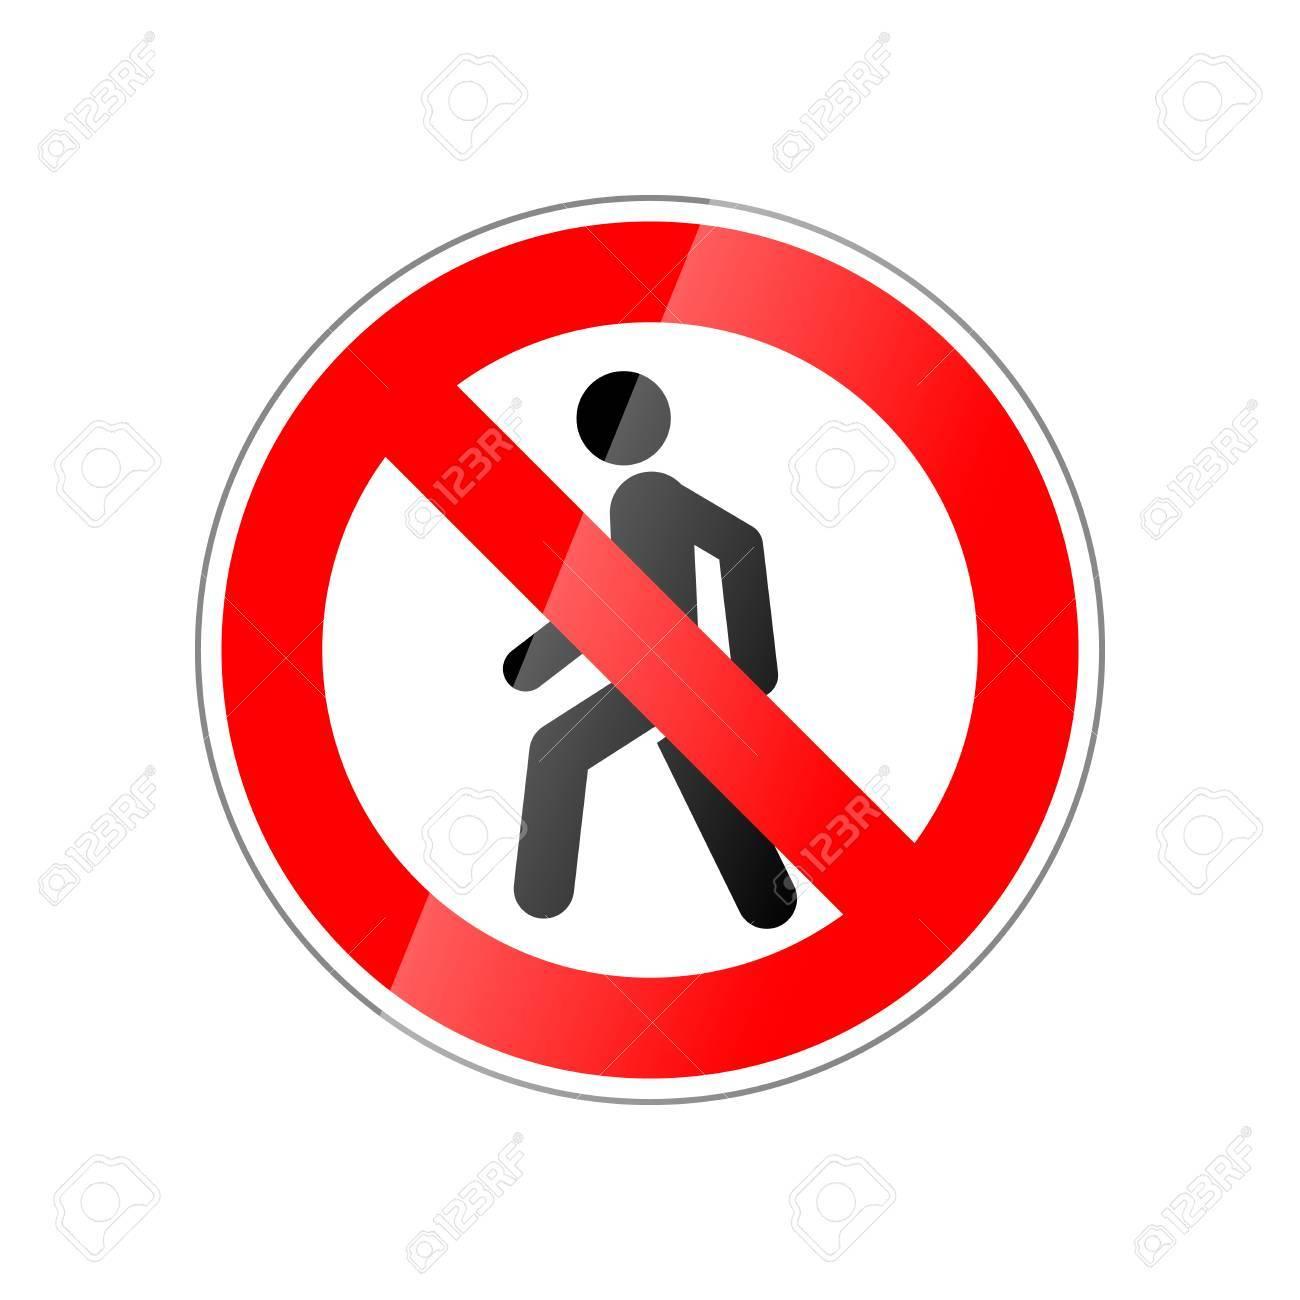 ab2e1ba4e54bd7 Ga niet binnen, verboden rood glanzend teken dat op wit wordt geïsoleerd  Stockfoto - 89505337